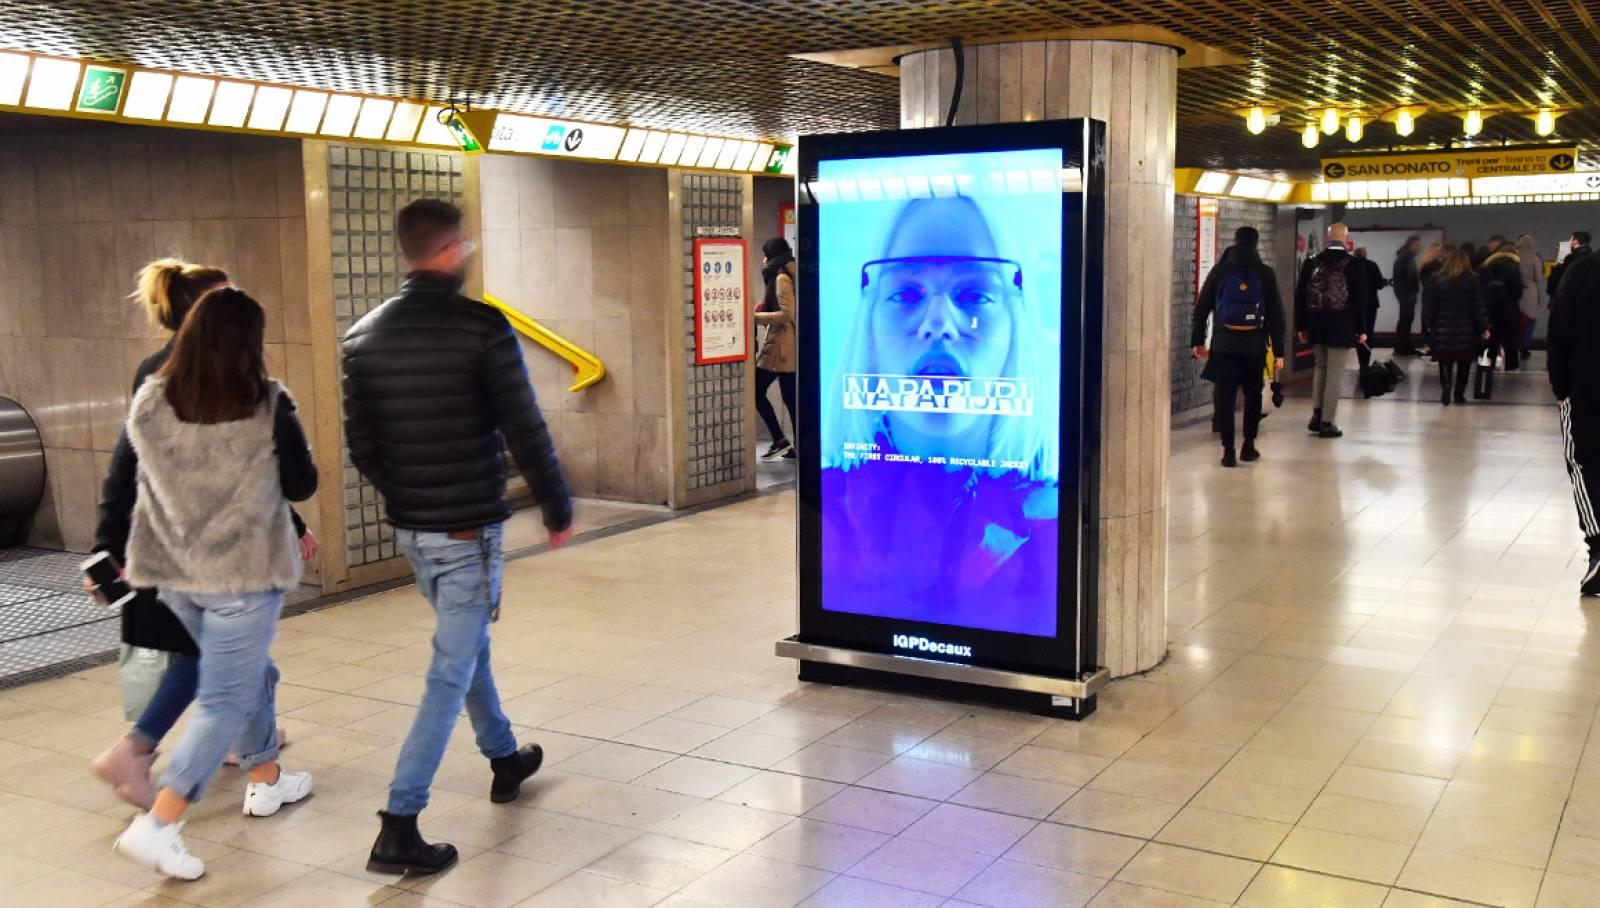 Pubblicità in metropolitana IGPDecaux a Milano circuito Vision per Napapijri